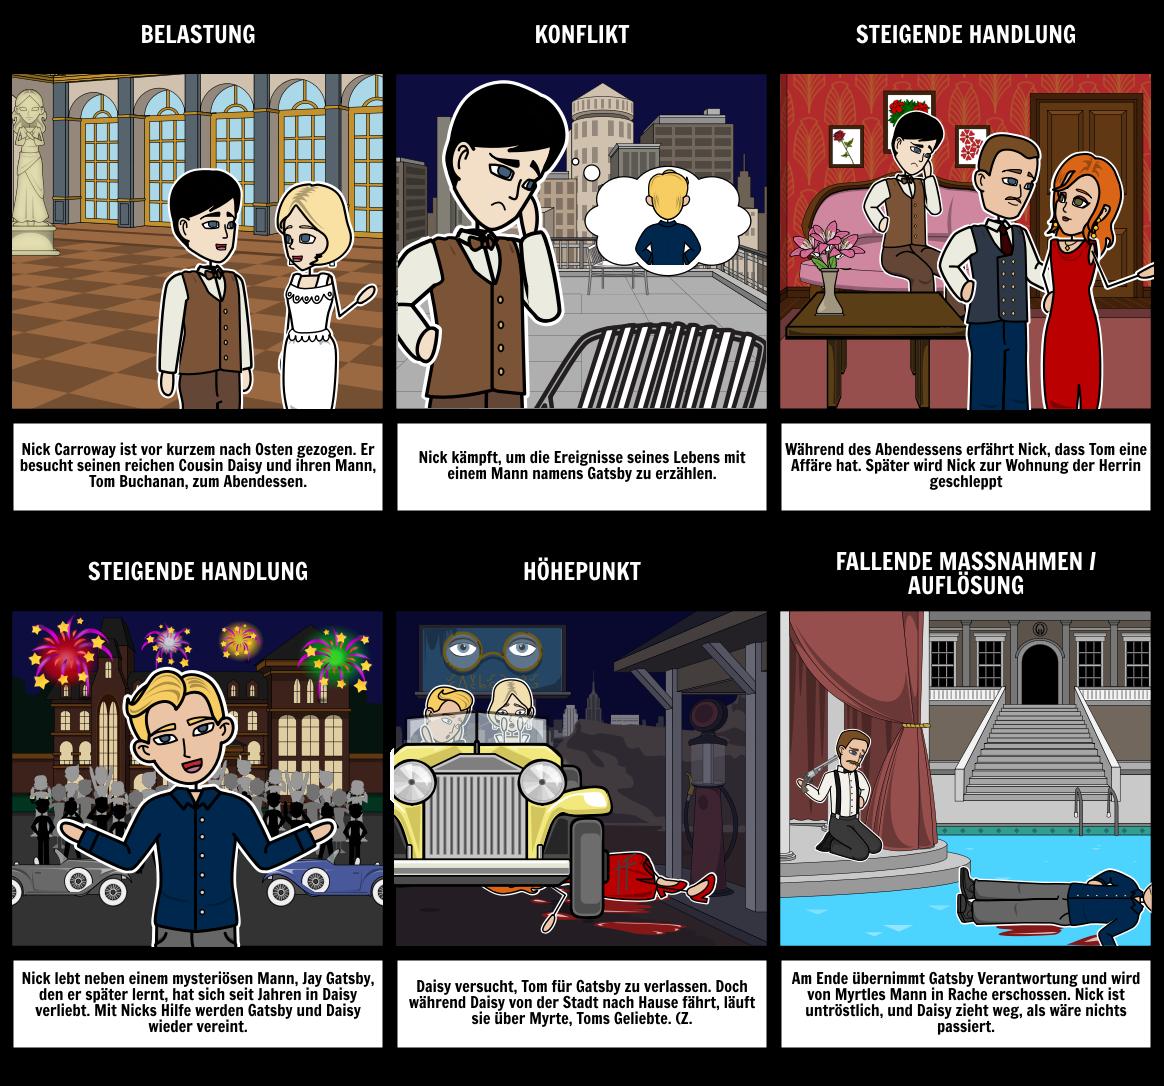 Das Große Gatsby-Diagramm